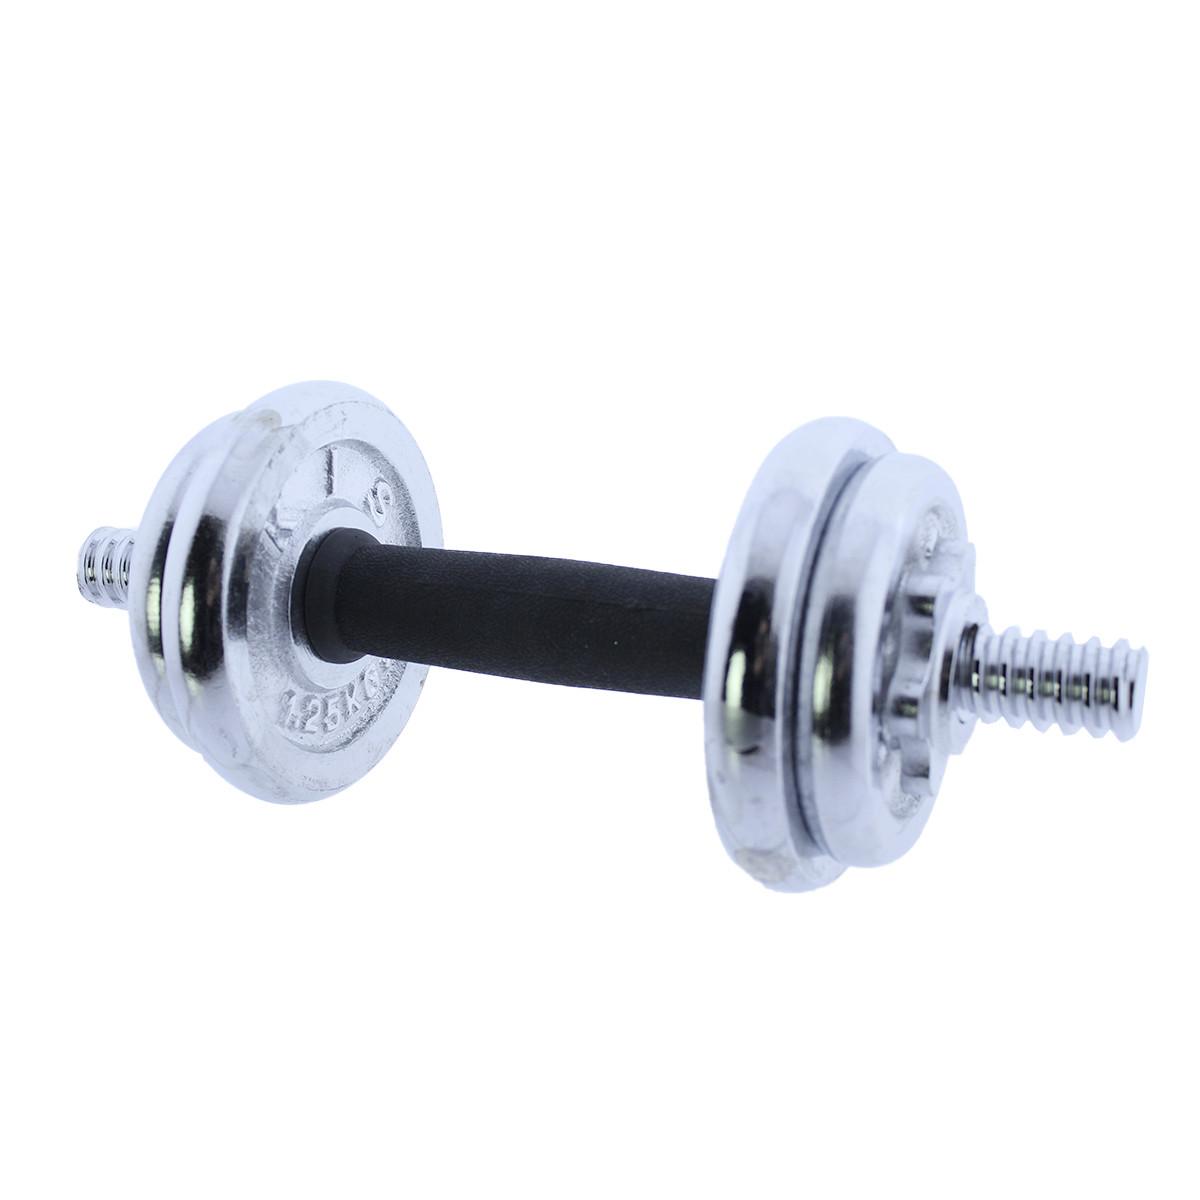 Set-de-mancuernas-ajustables-cromadas-10kg-15kg-20kg-Riscko miniatura 24